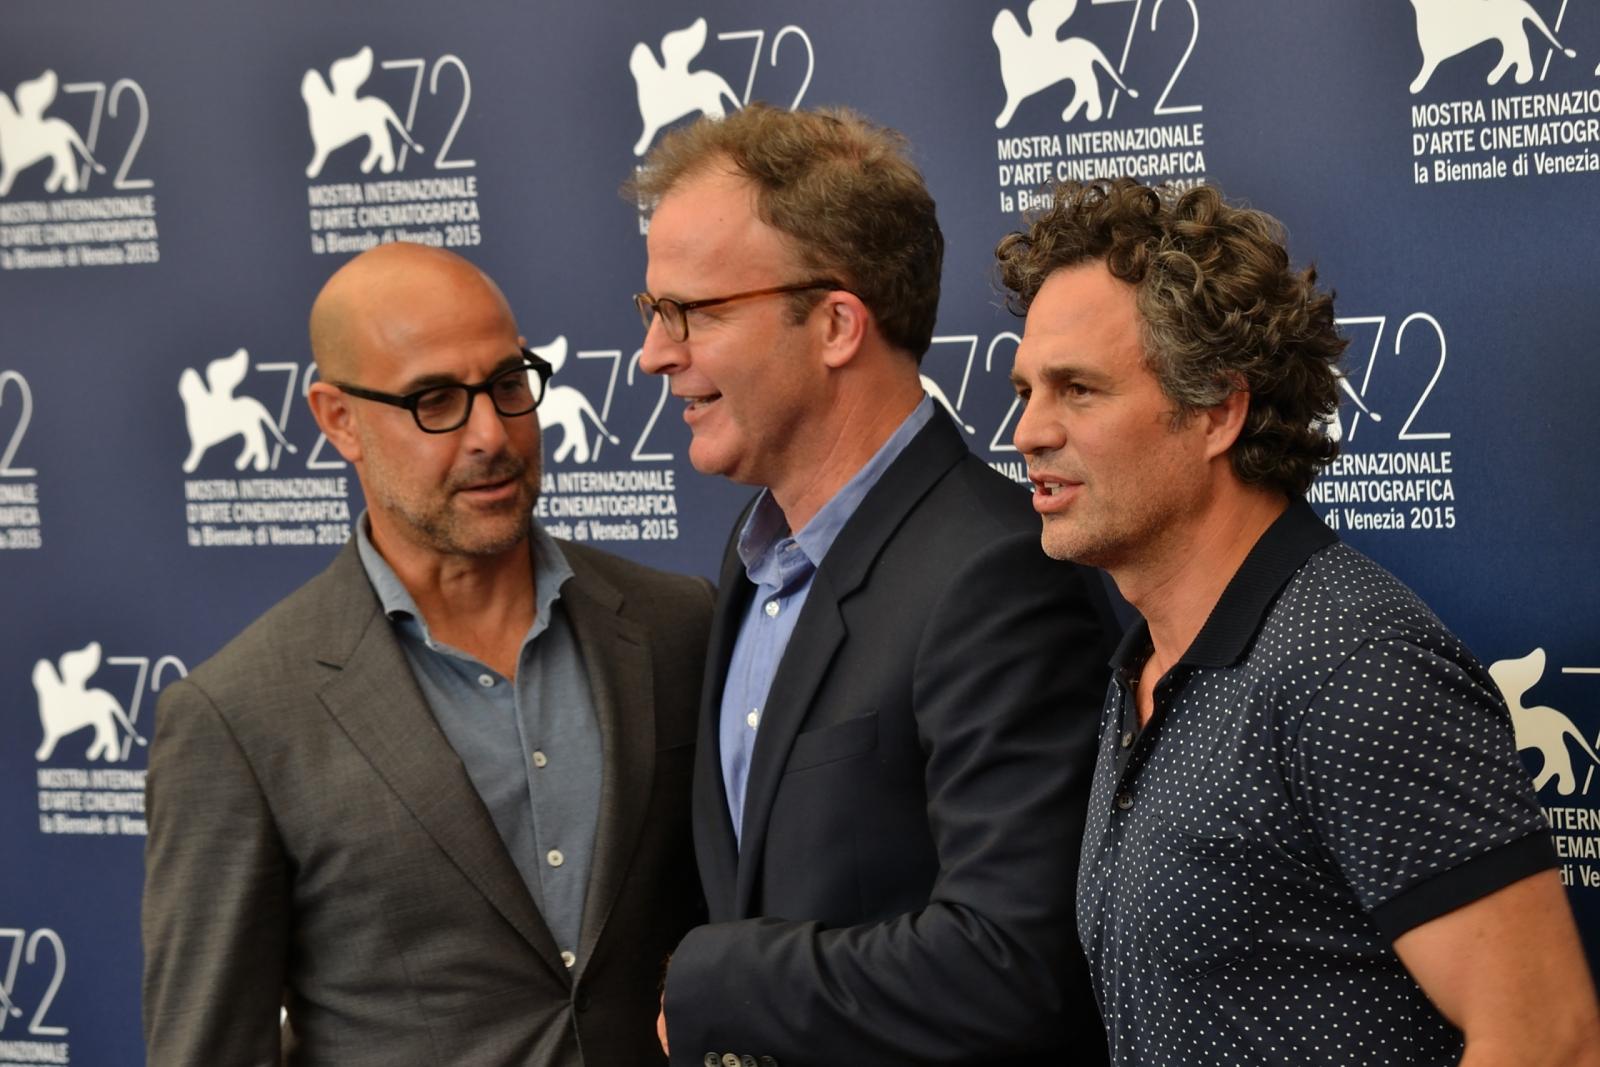 Spotlight: Mark Ruffalo, Stanley Tucci posano con il regista Thomas McCarthy al photocall di Venezia 2015